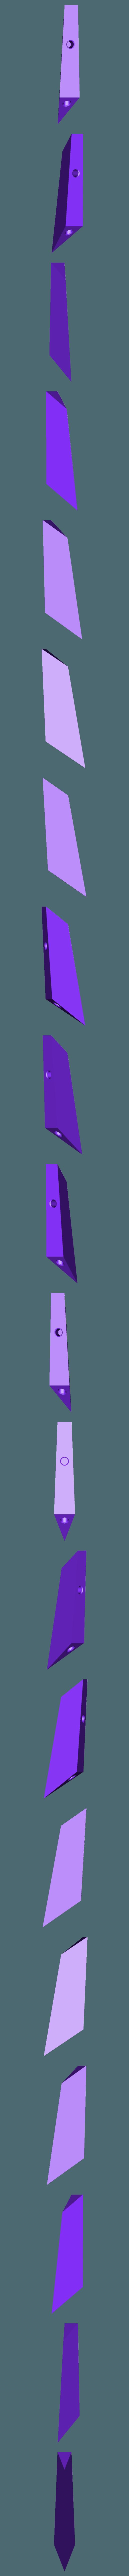 upper_neck.stl Télécharger fichier STL gratuit Porte-casque • Plan pour imprimante 3D, marcossierra